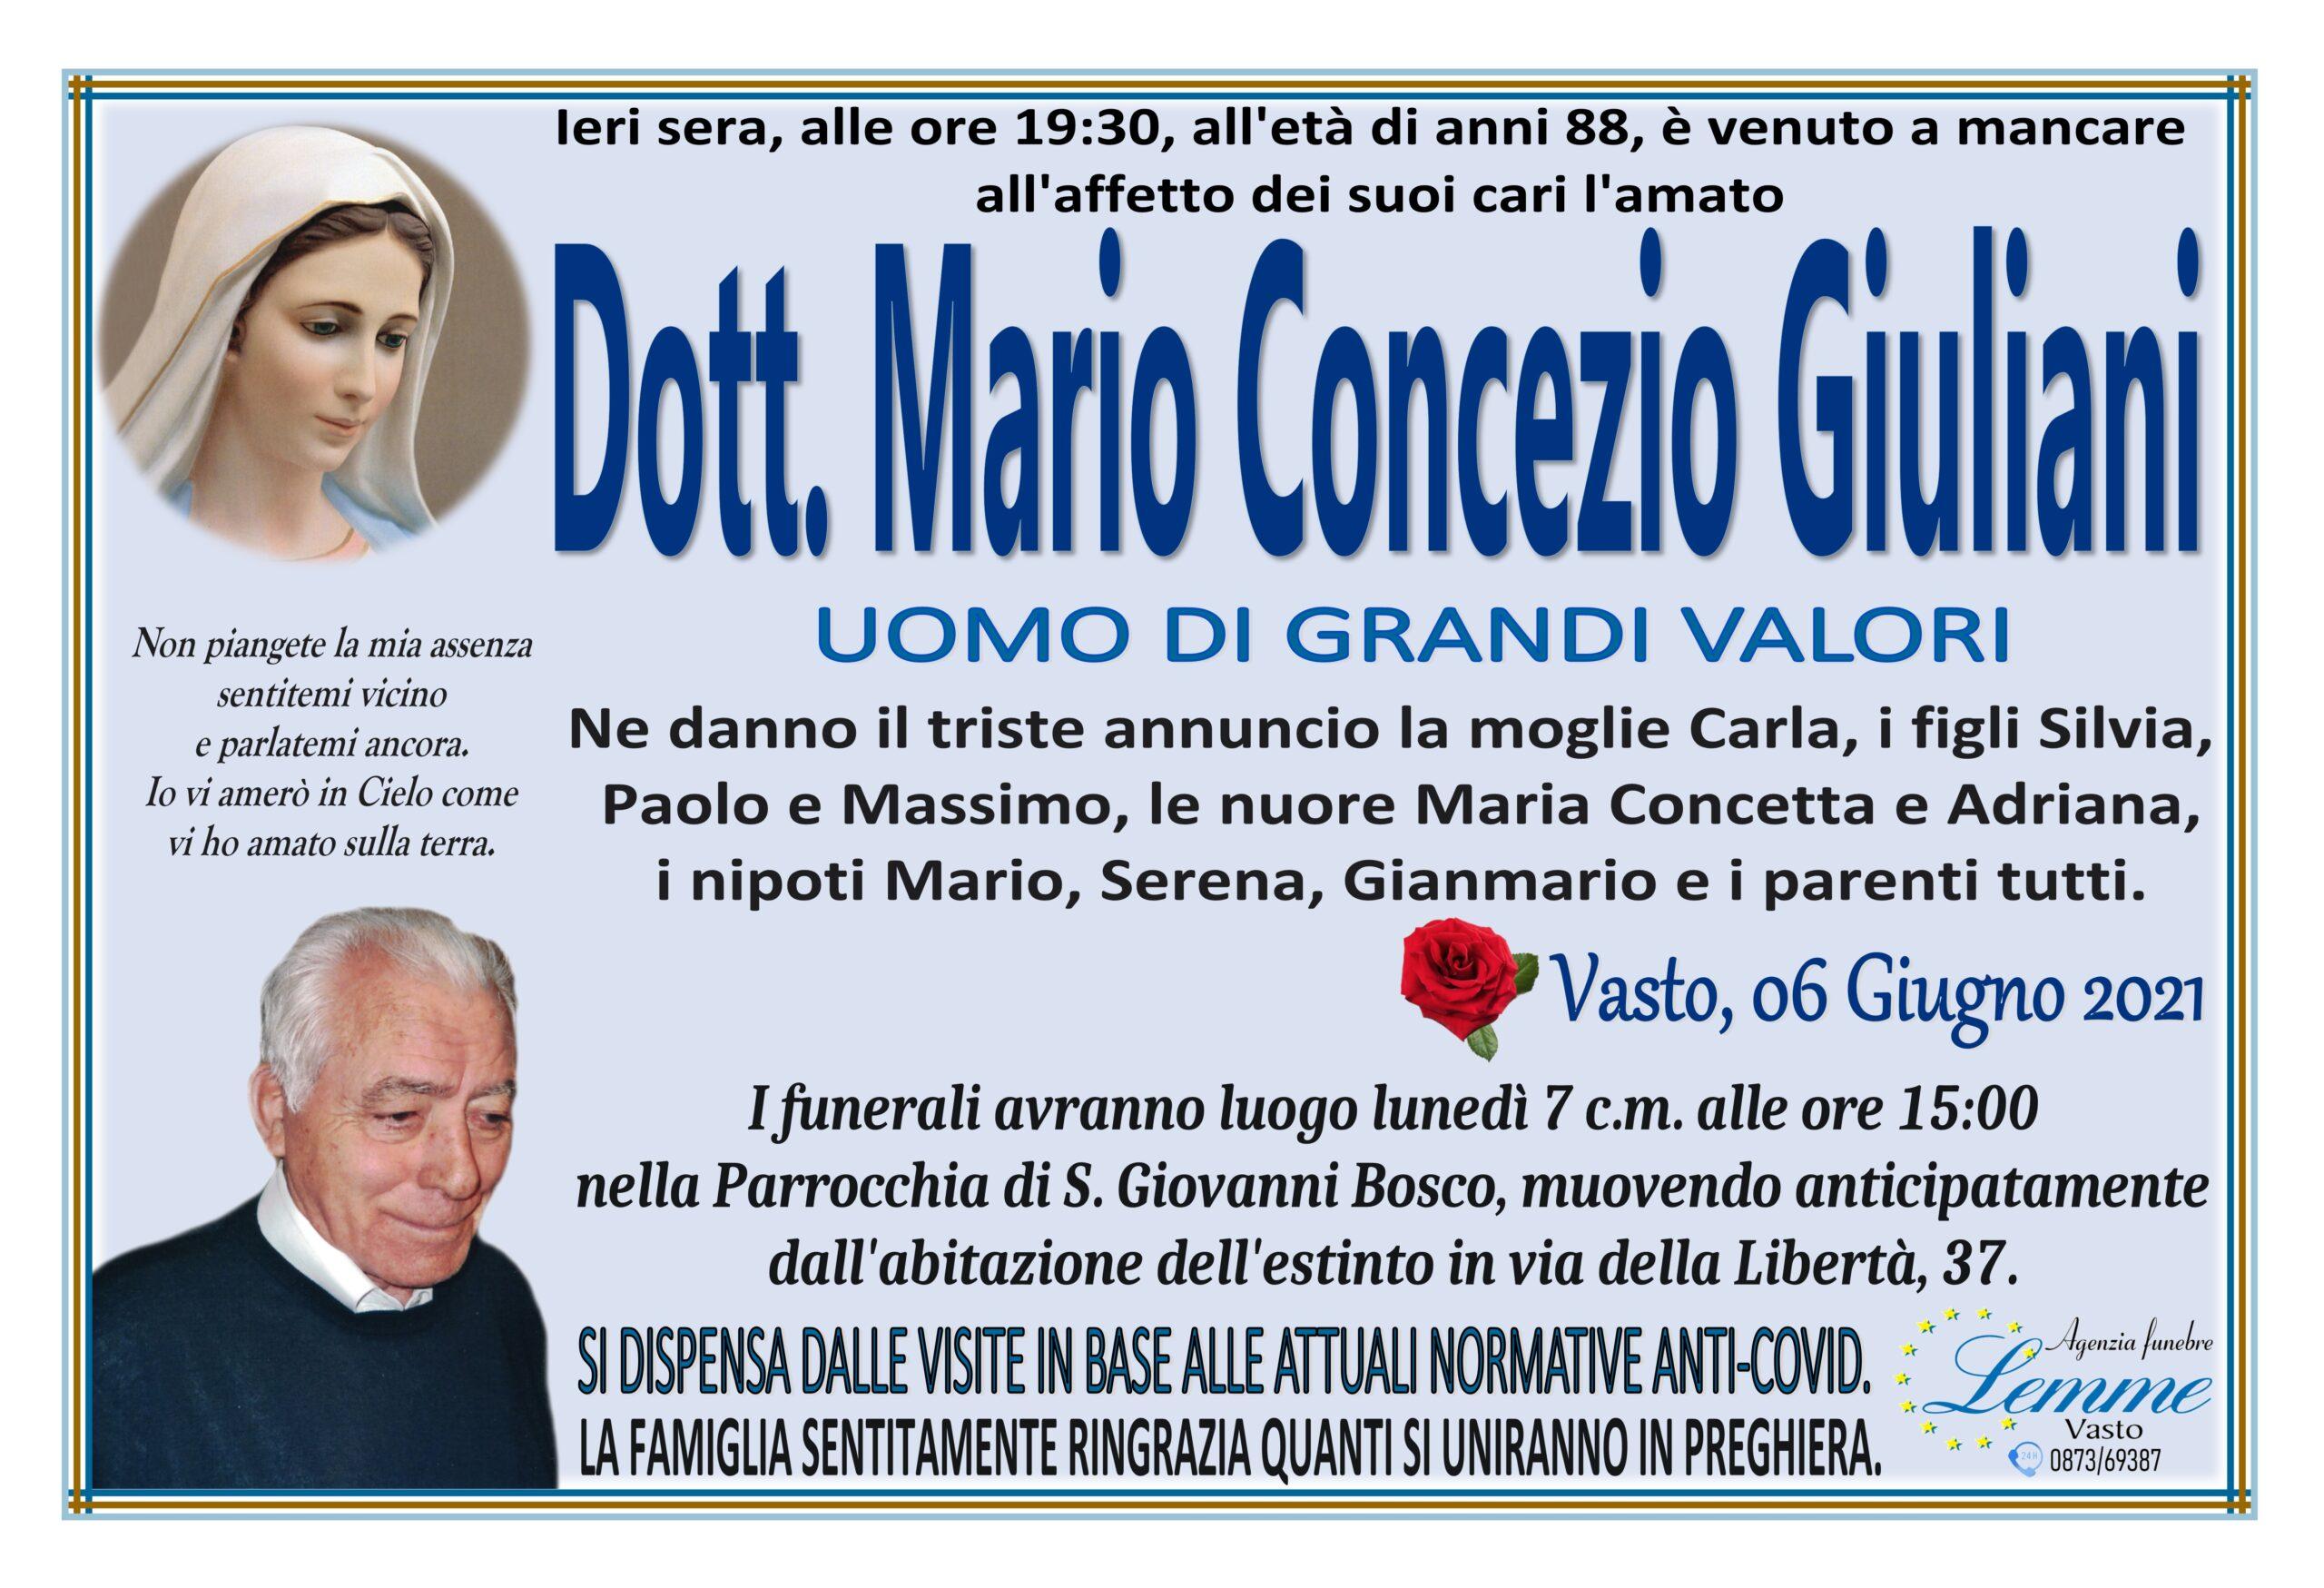 MARIO CONCEZIO GIULIANI